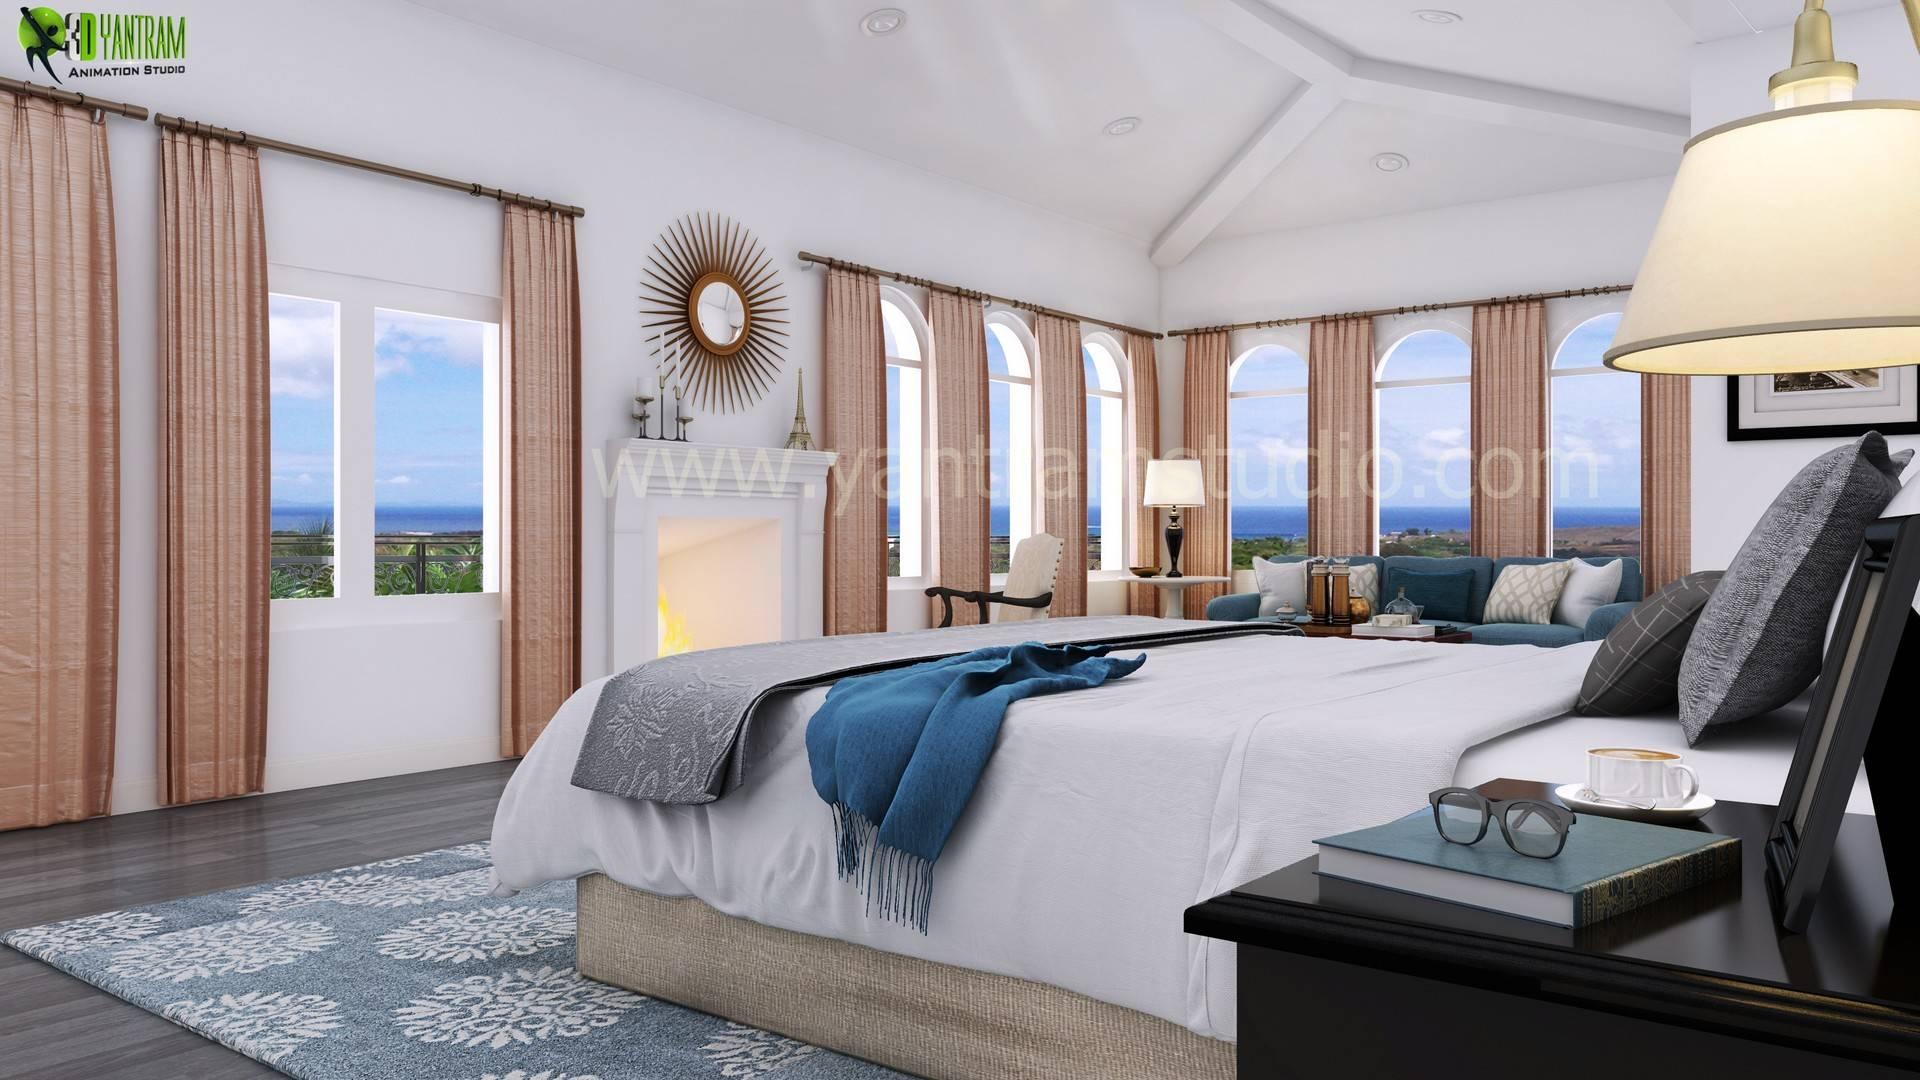 yantram studio bedroom design